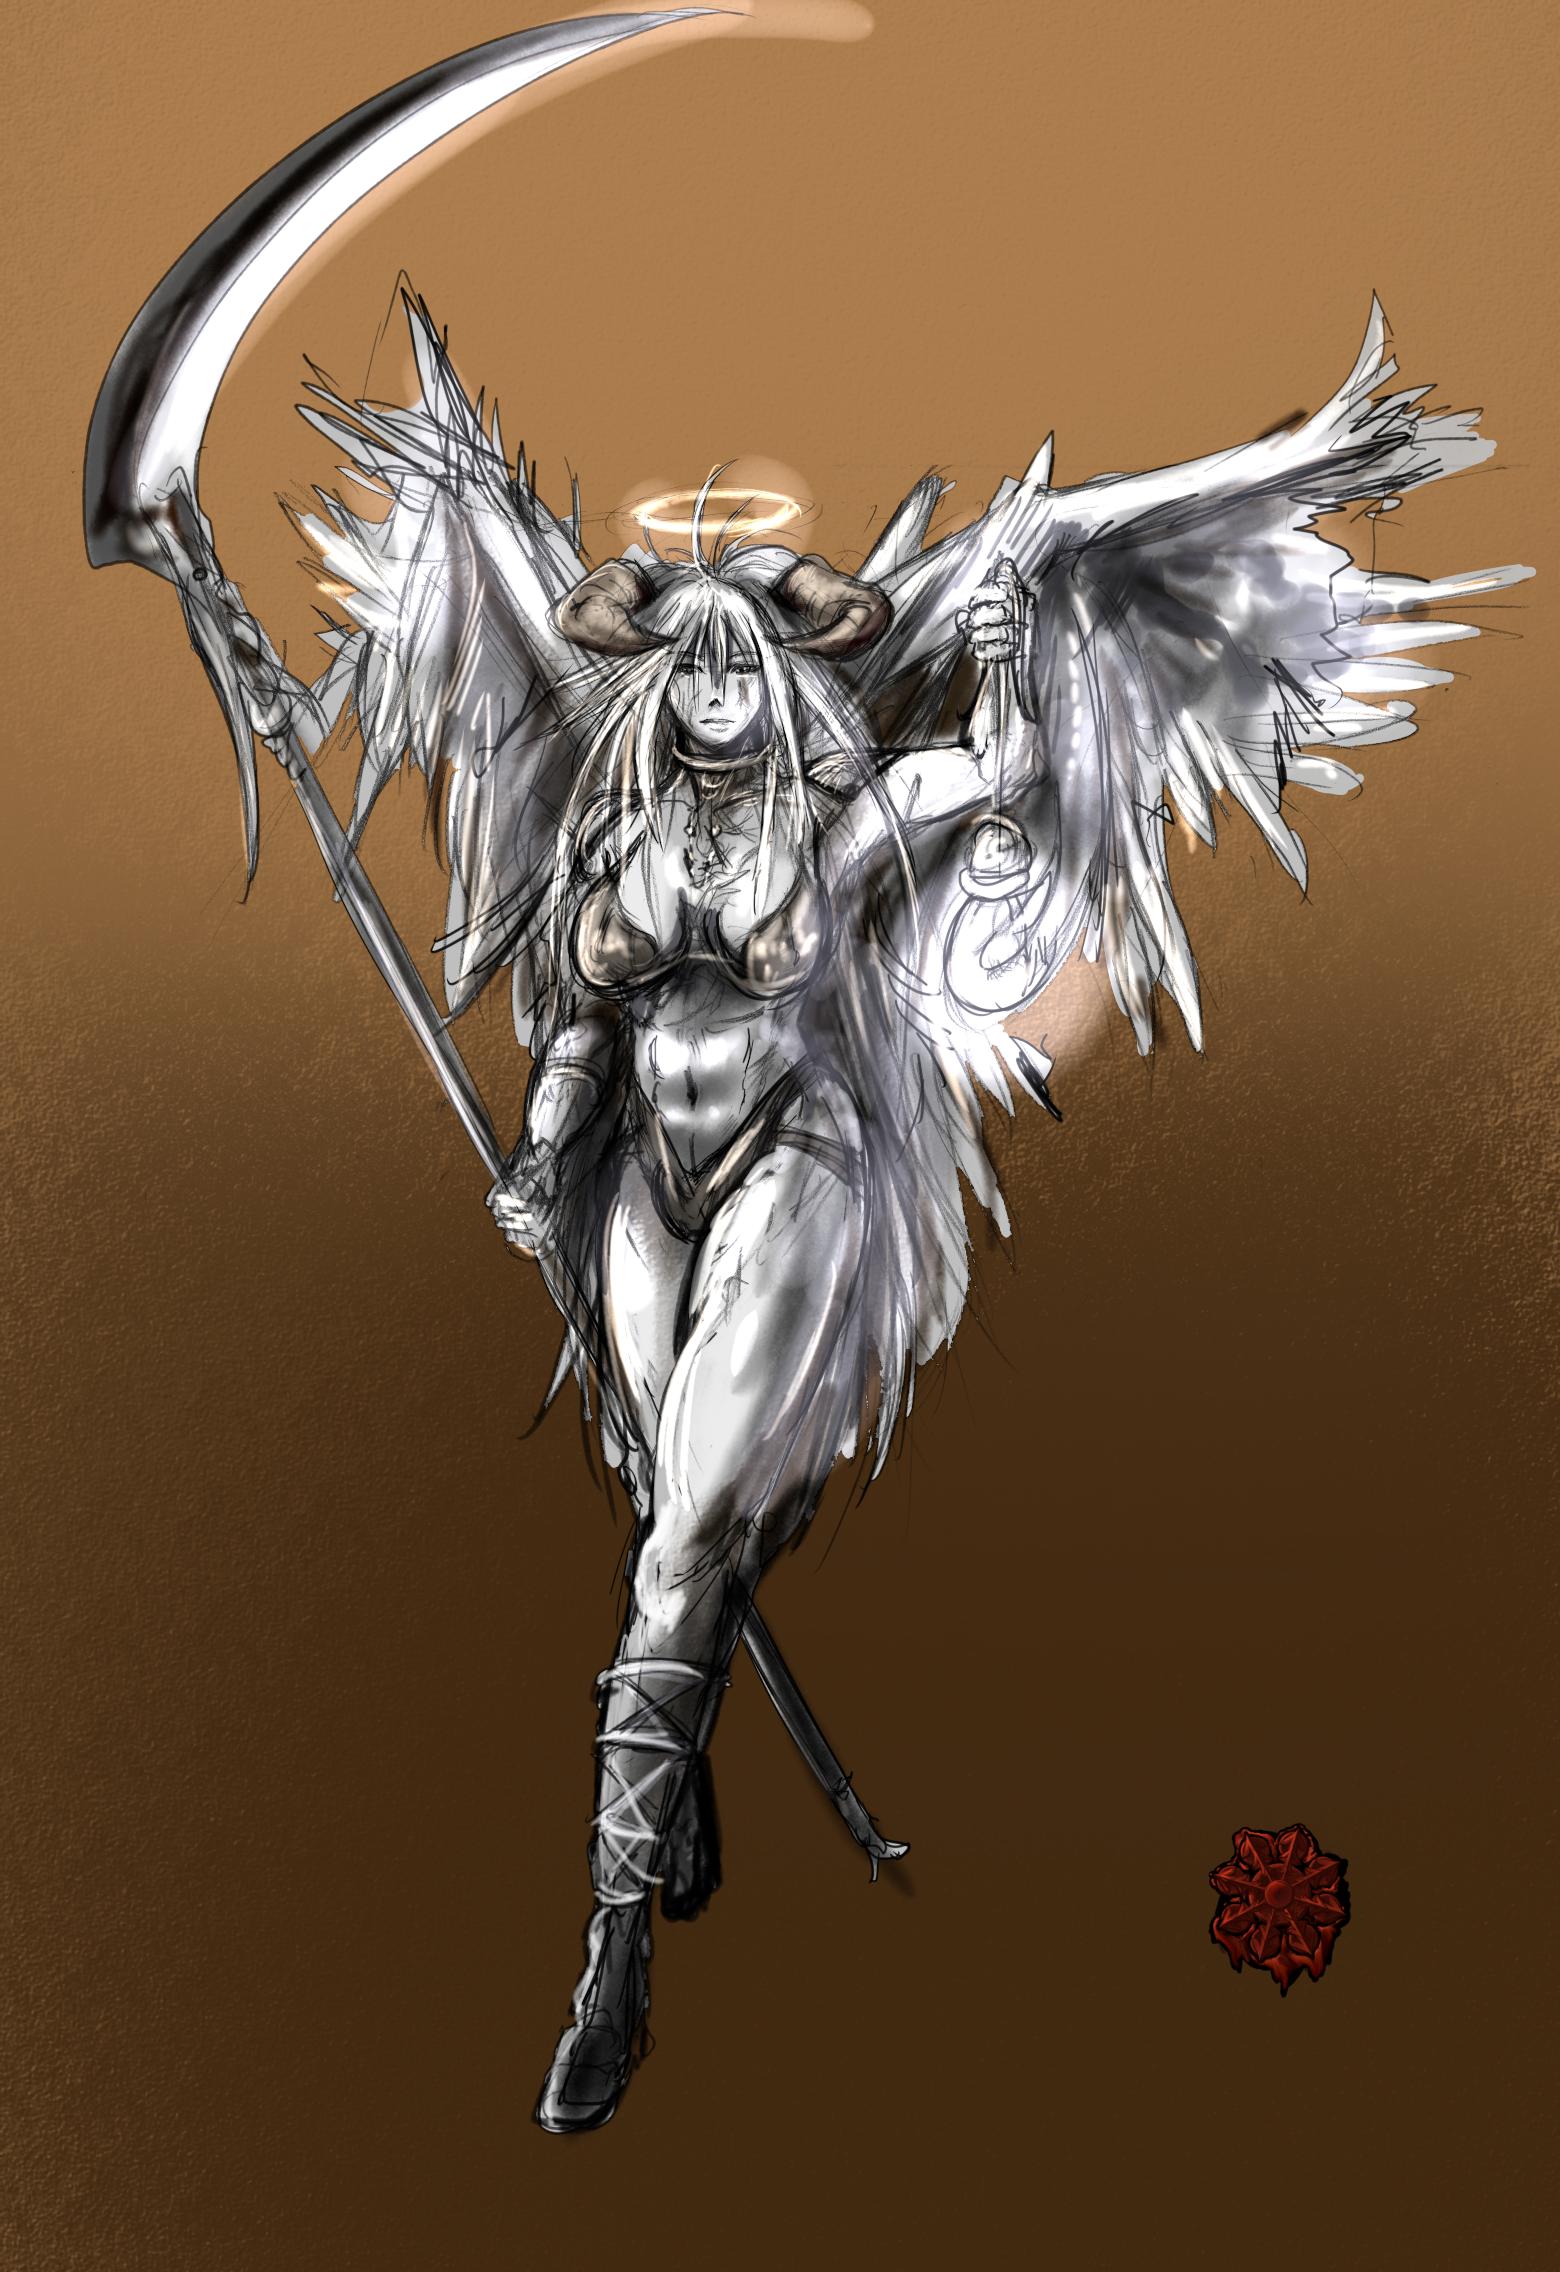 アルコン魔法戦士。